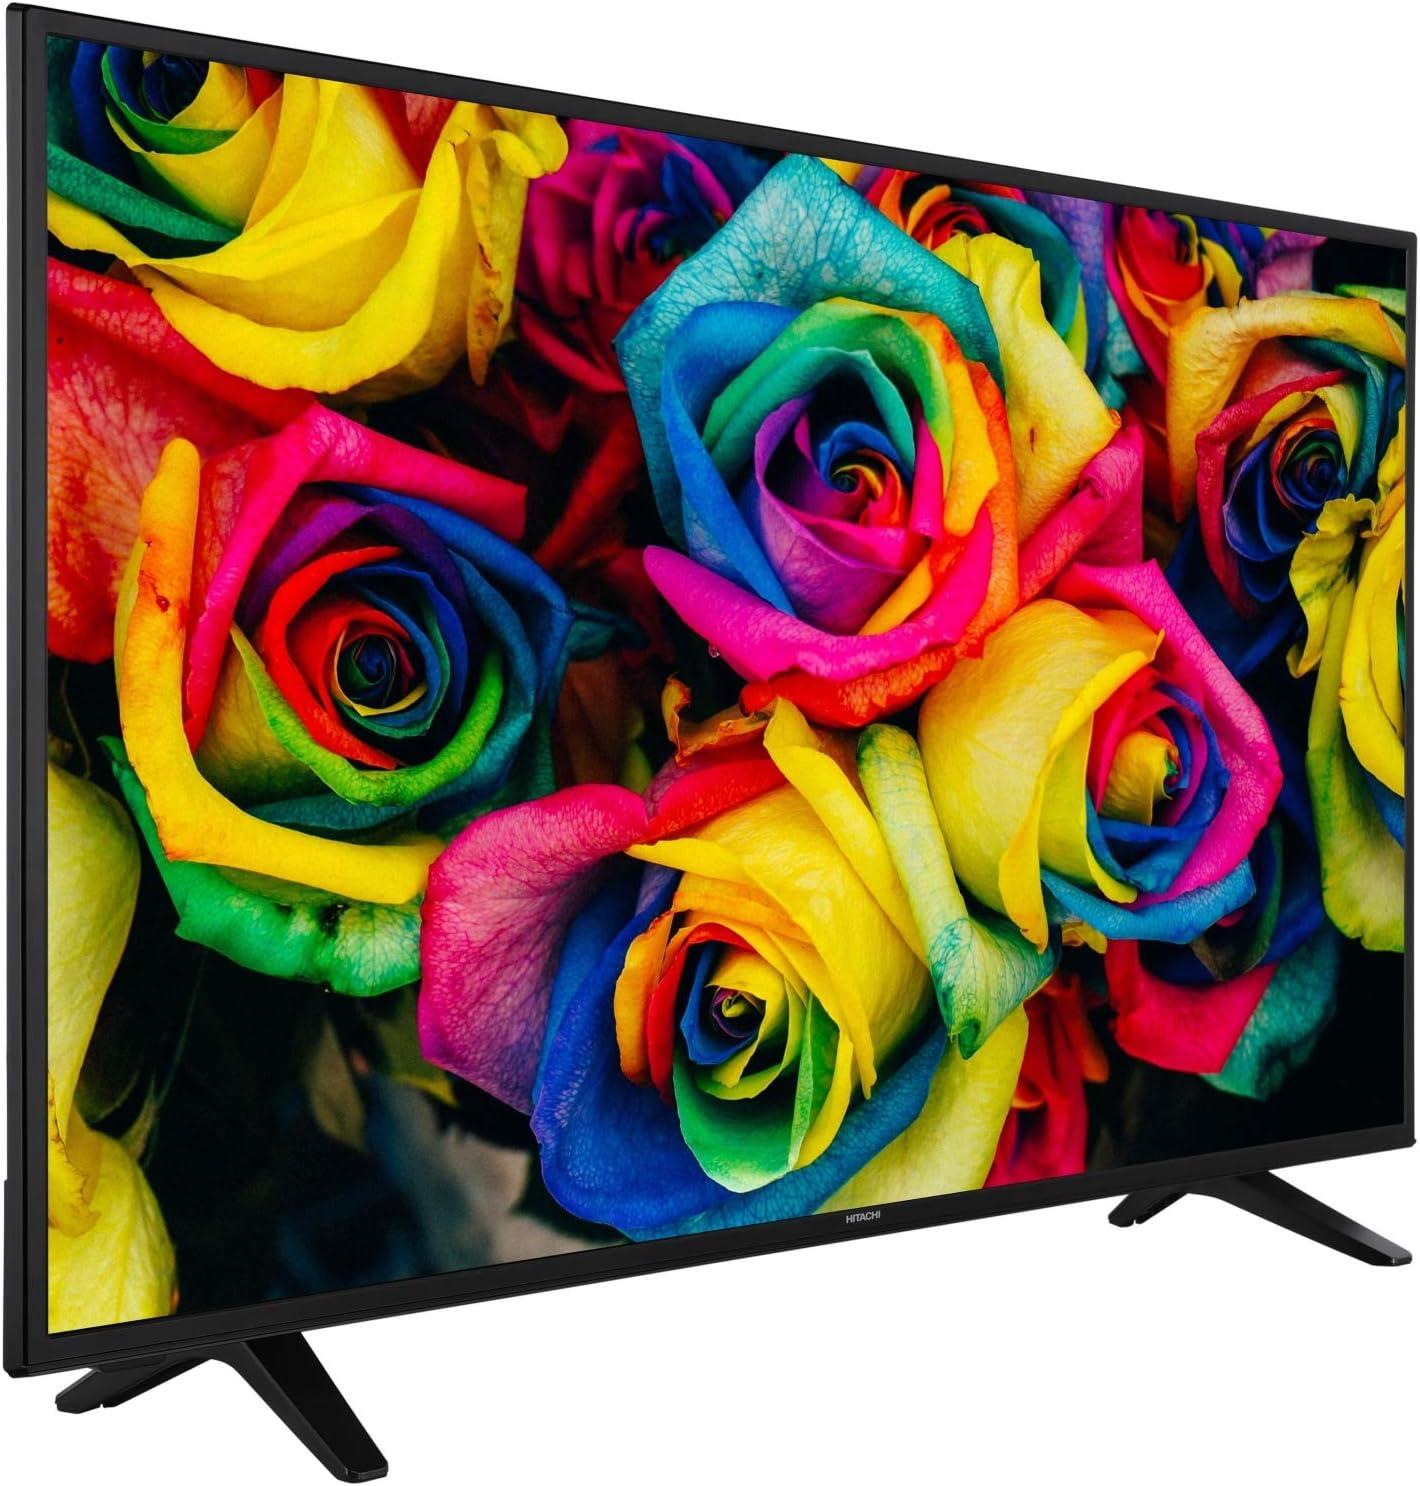 Hitachi 50HK5100 - TV: 276.1: Amazon.es: Electrónica